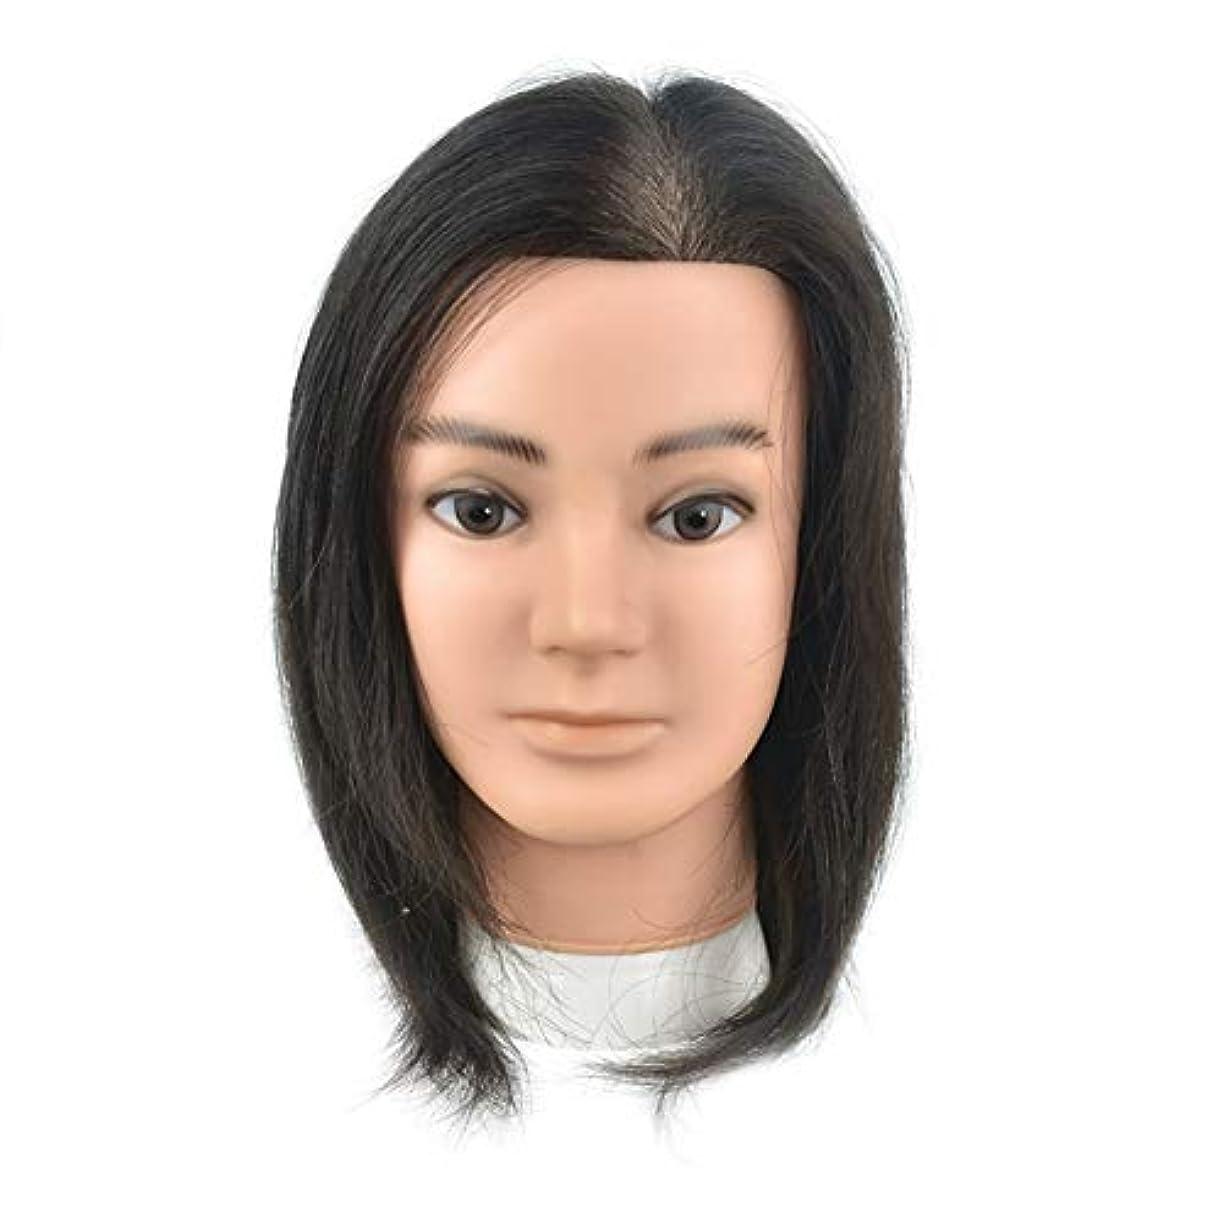 コットン背景観光リアルヘアスタイリングマネキンヘッド女性ヘッドモデル教育ヘッド理髪店編組ヘア染色学習ダミーヘッド